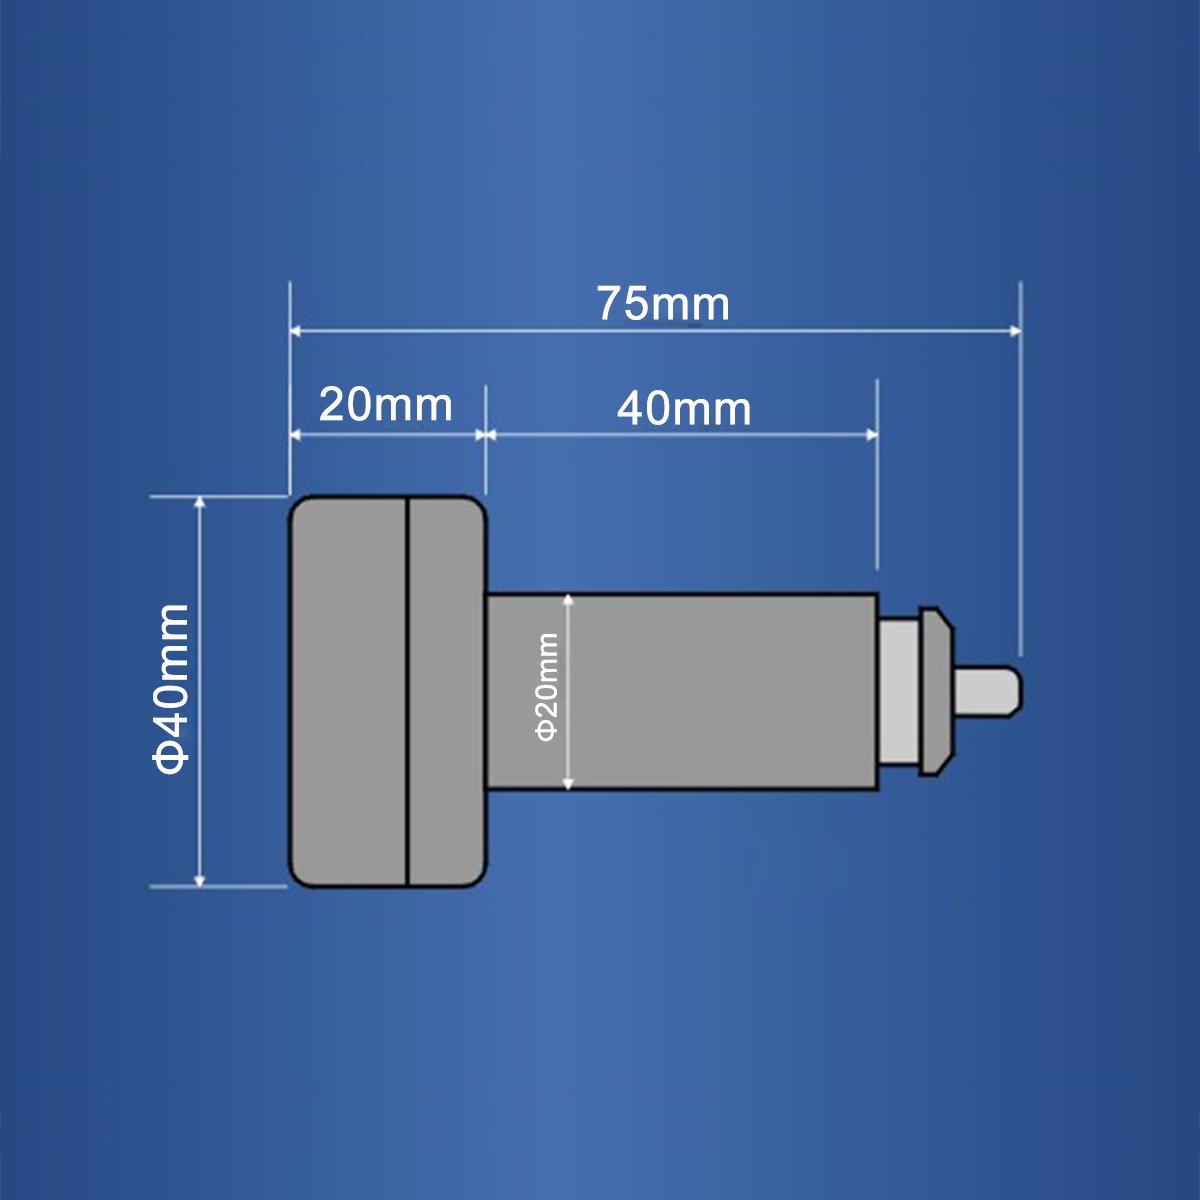 DROK Car Cigarette Lighter Plug Voltmeter and USB Charging 2in1 ...